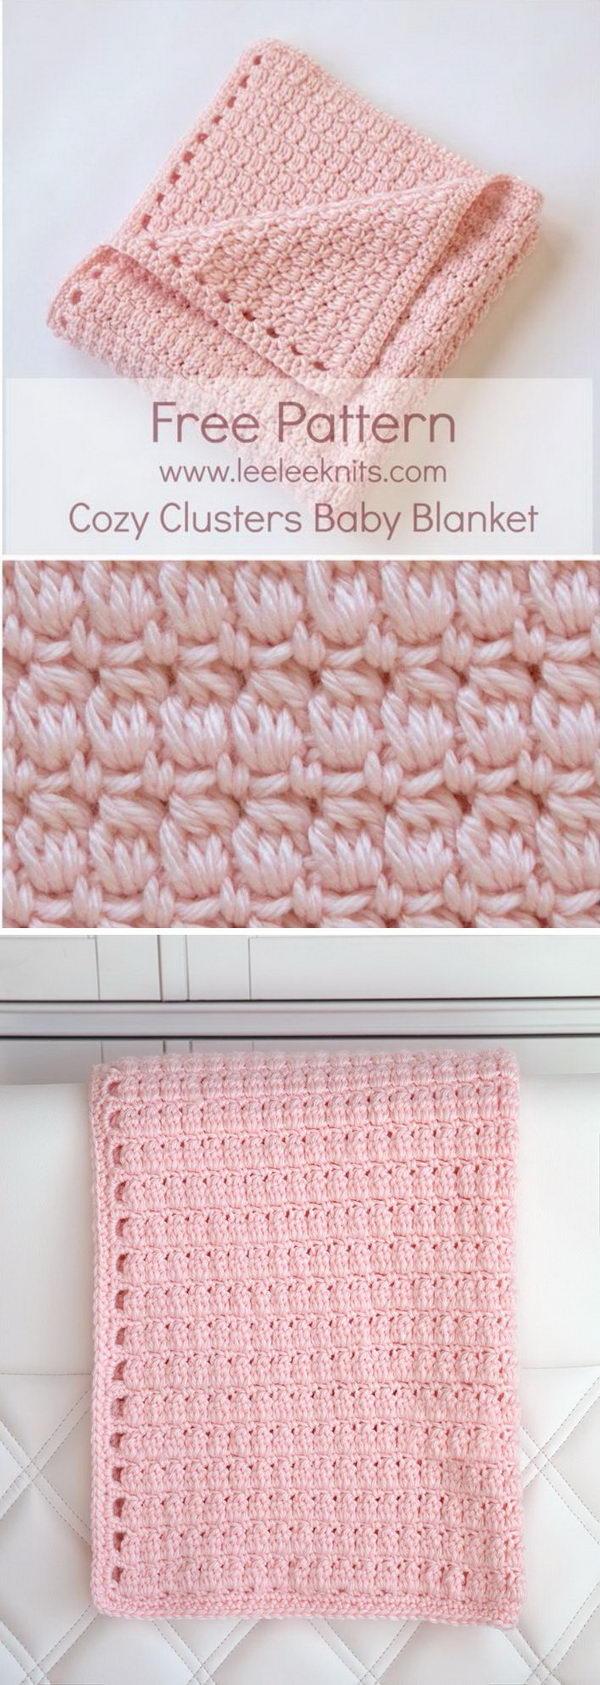 Cozy Clusters Free Crochet Baby Blanket Pattern.